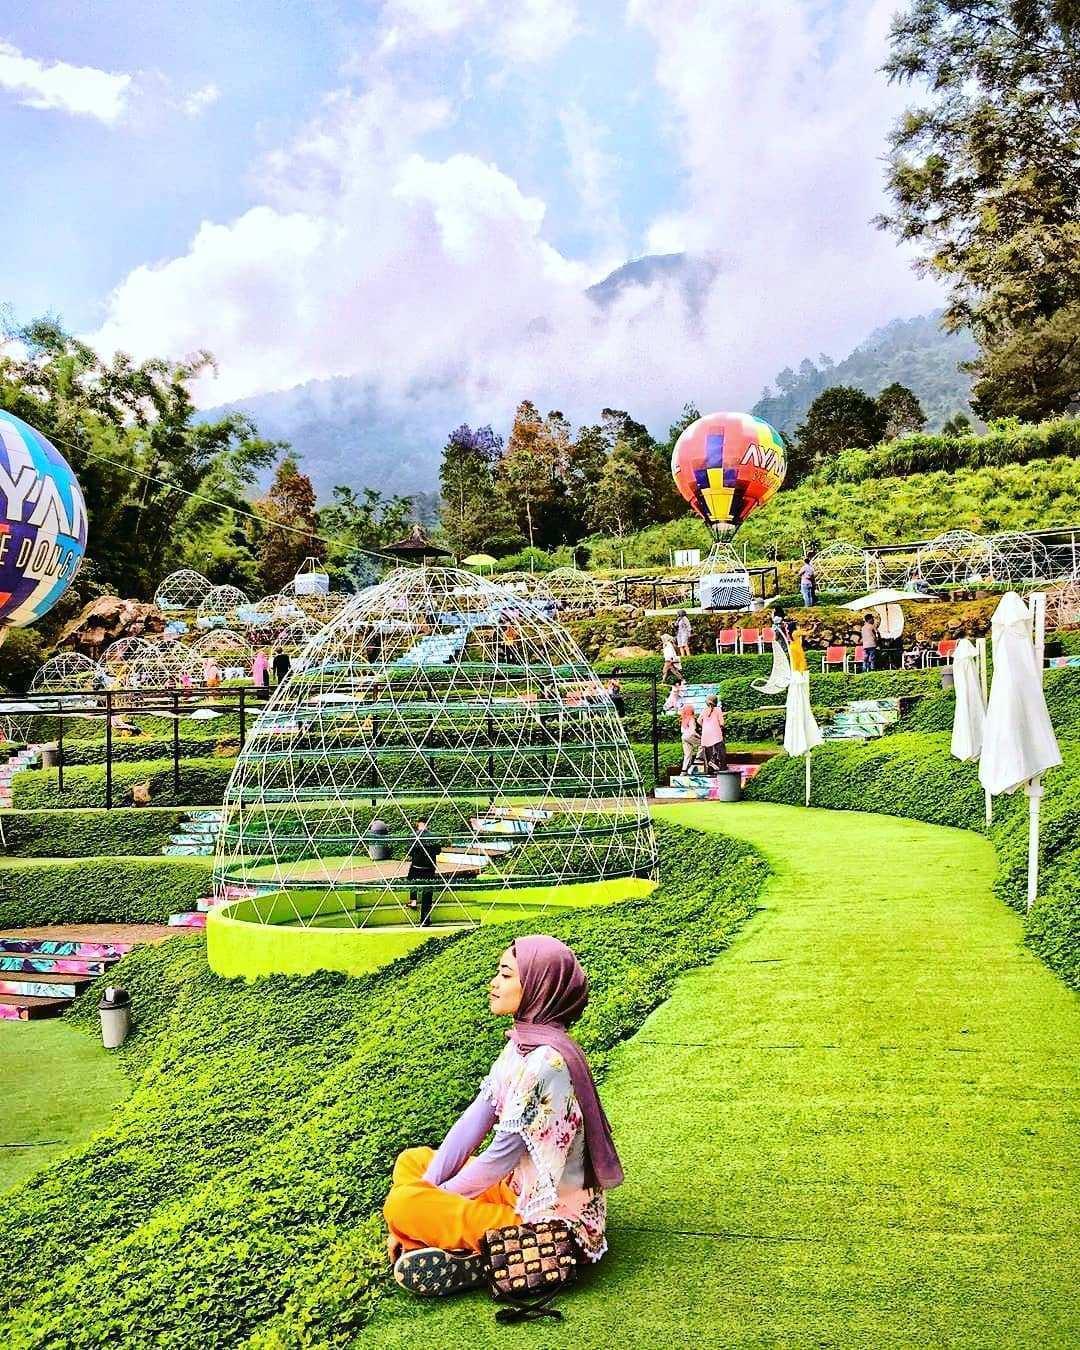 Berfoto Dengan Background berbagai Spot Yang ada di Ayanaz Gedongsongo Semarang Image From @ewendangs